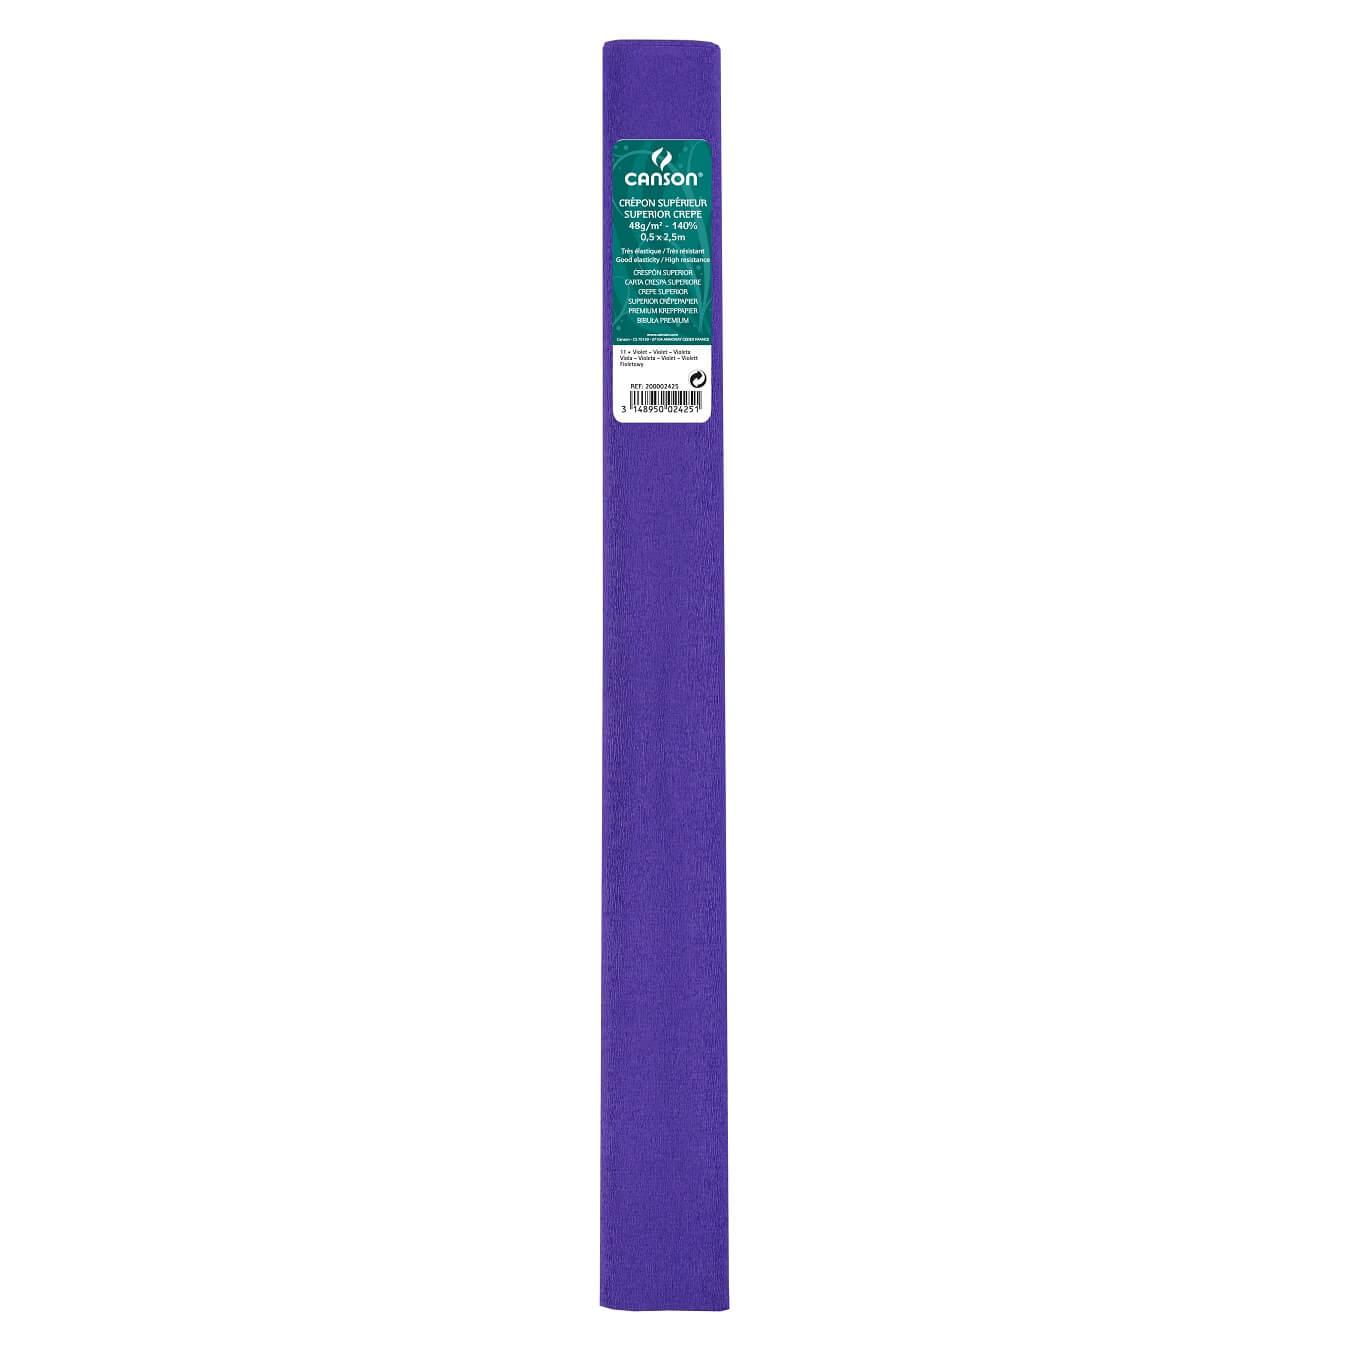 Papier crepon 48g violet